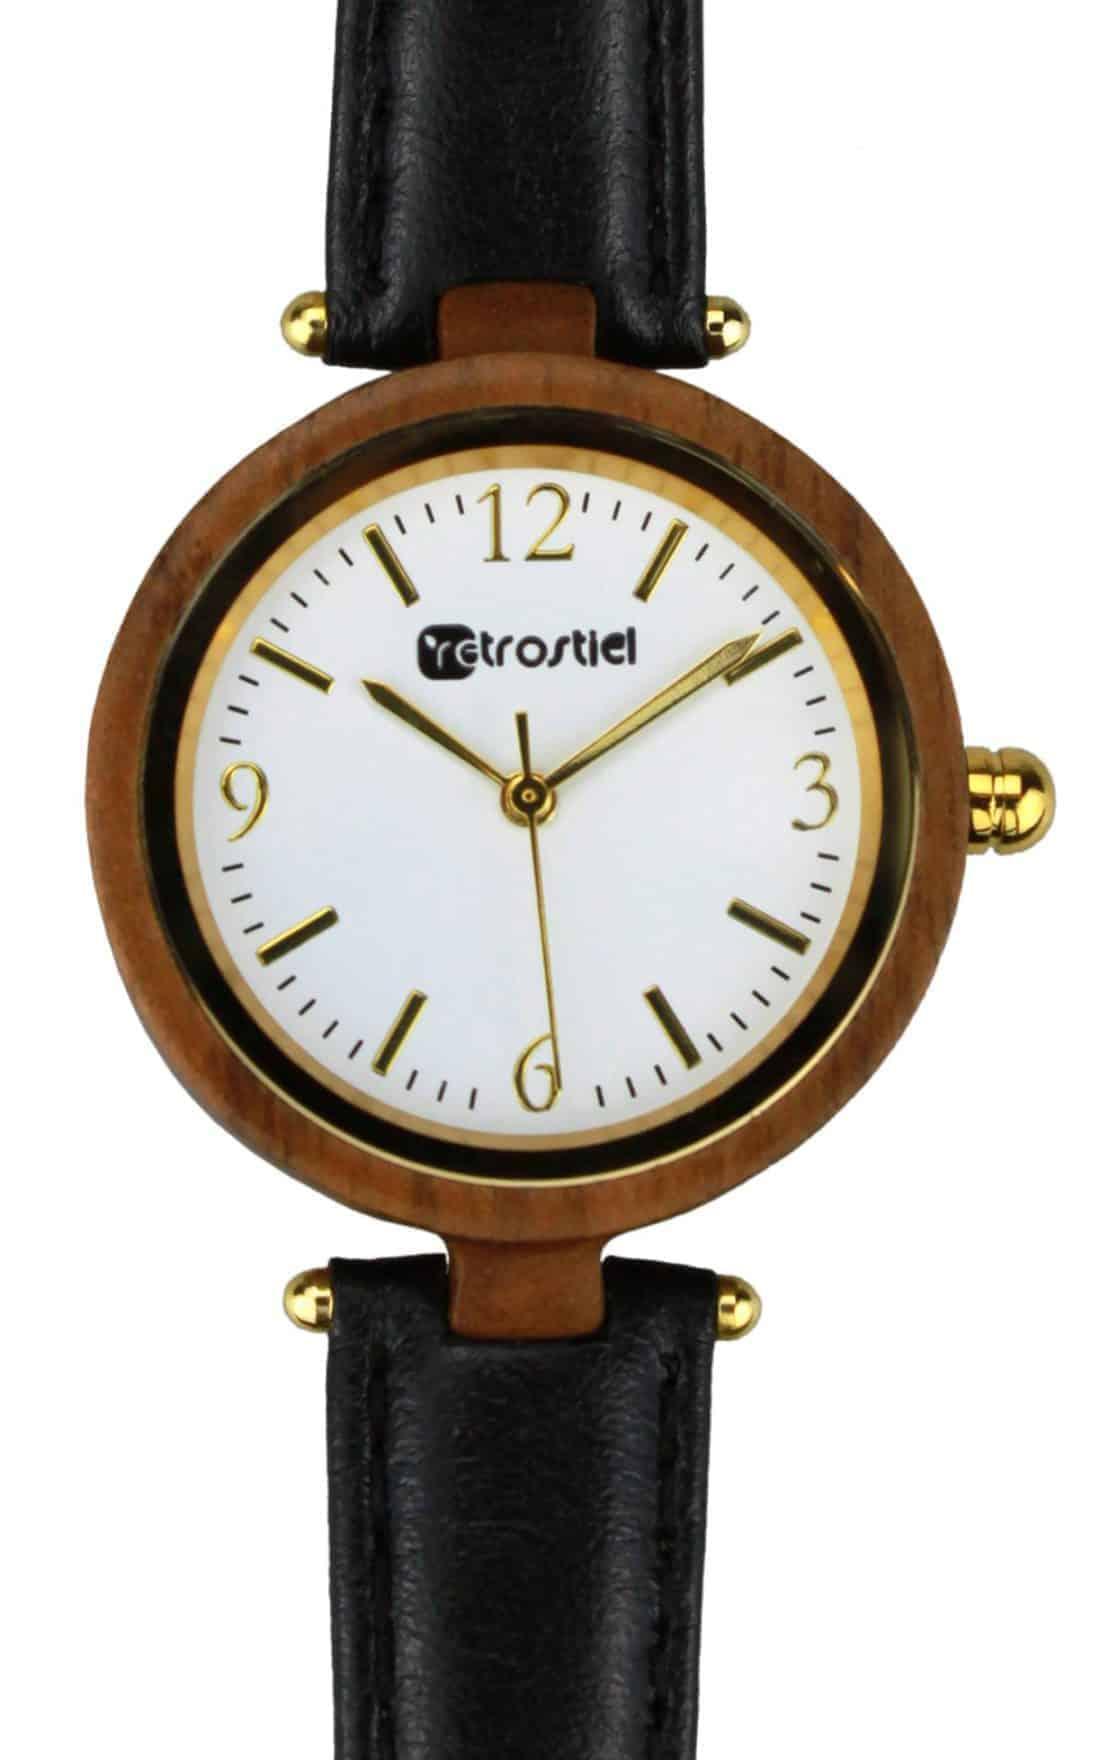 Armbanduhr aus Holz - Venezia Nut-Leather